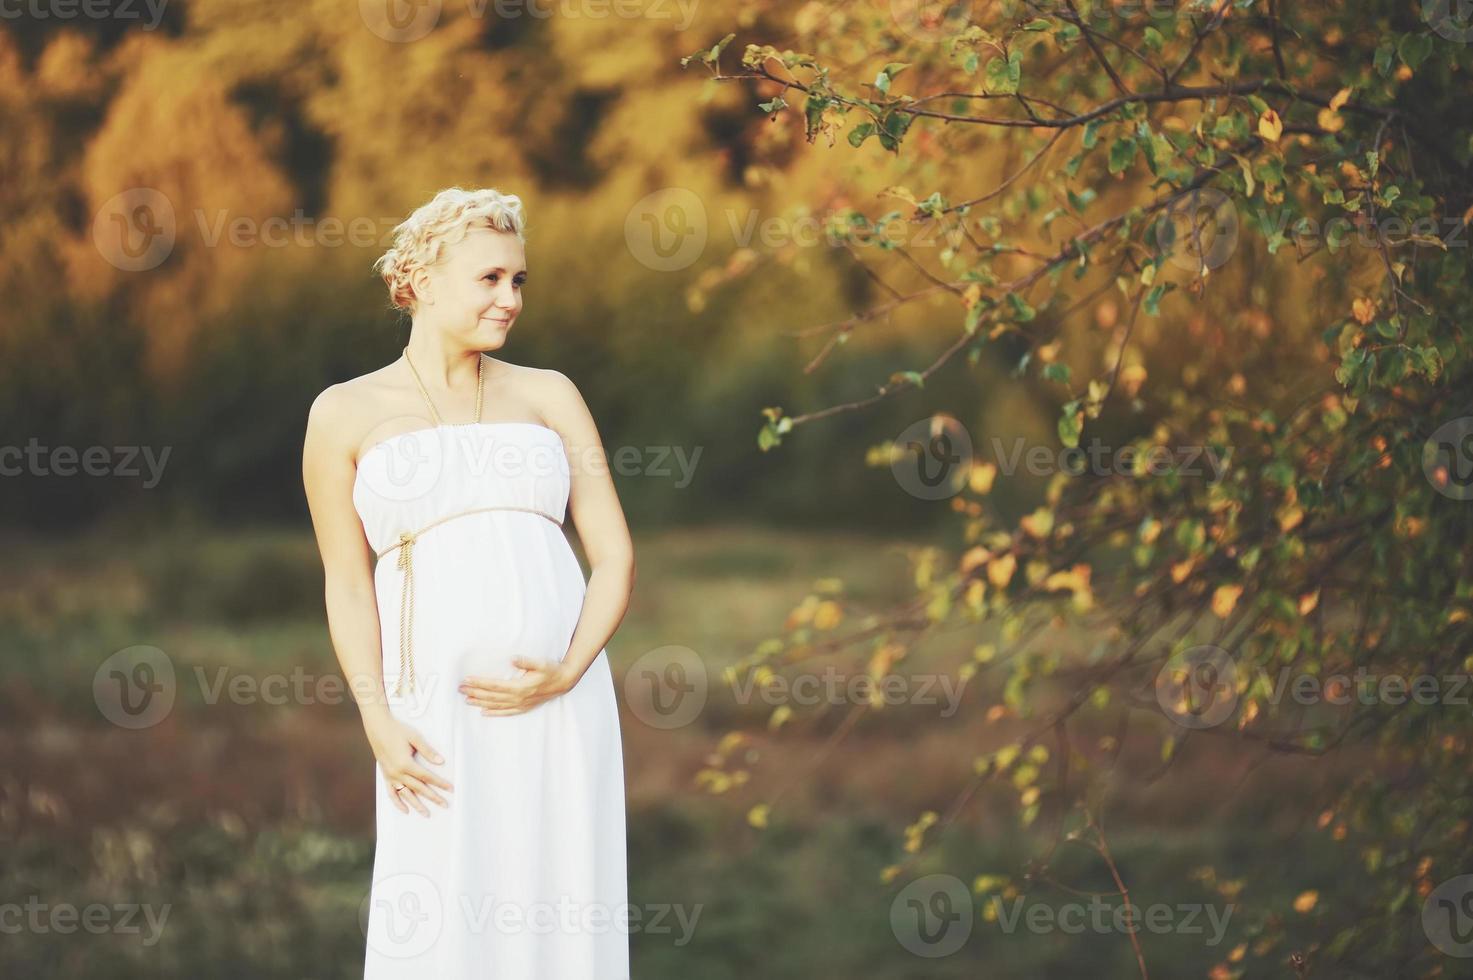 schöne schwangere junge Frau draußen, warmes sonniges Bild foto